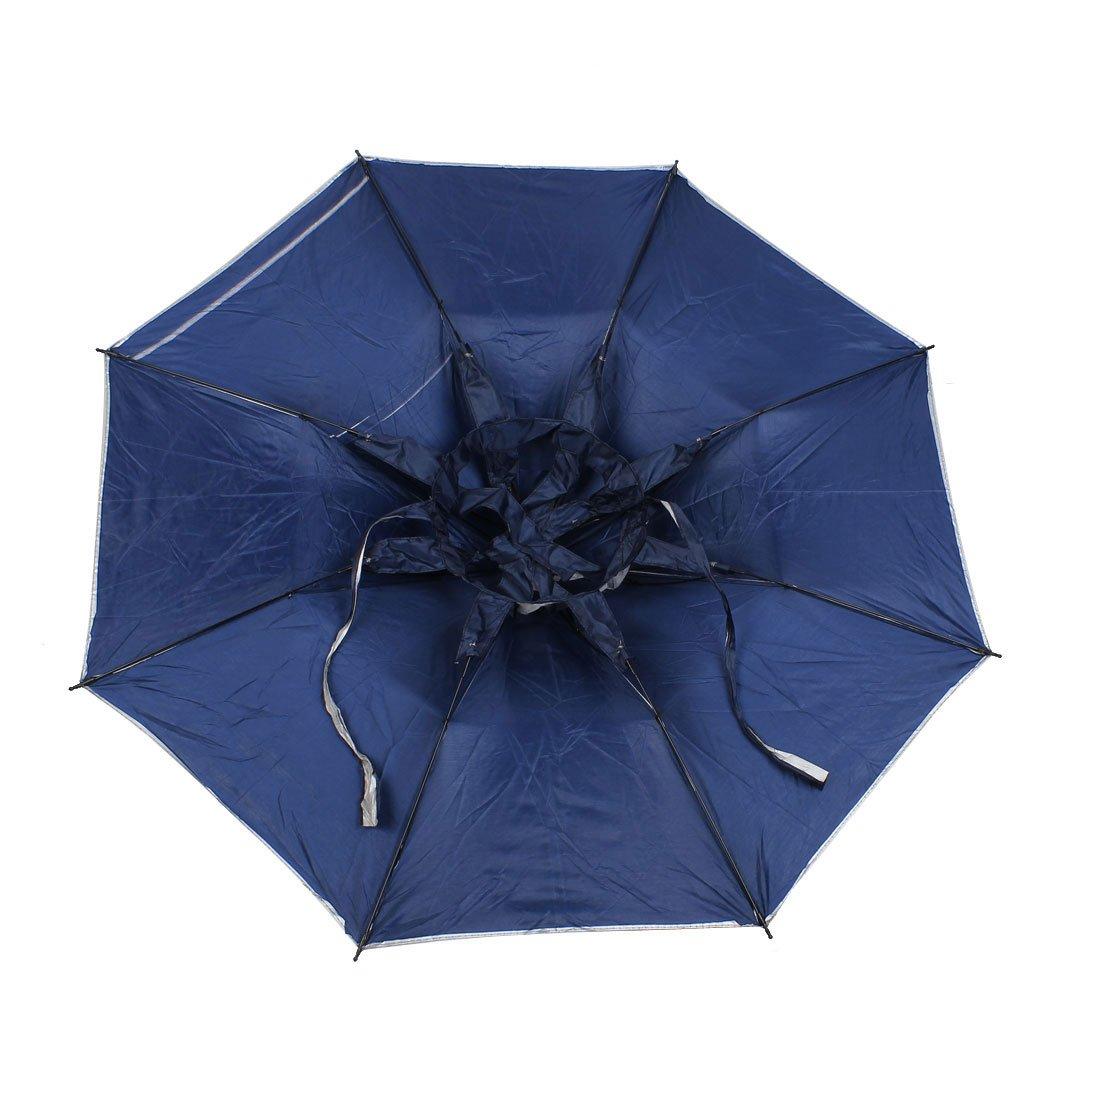 Pesca al aire libre caza correa paraguas plegable sombrero Headwear gris: Amazon.es: Deportes y aire libre